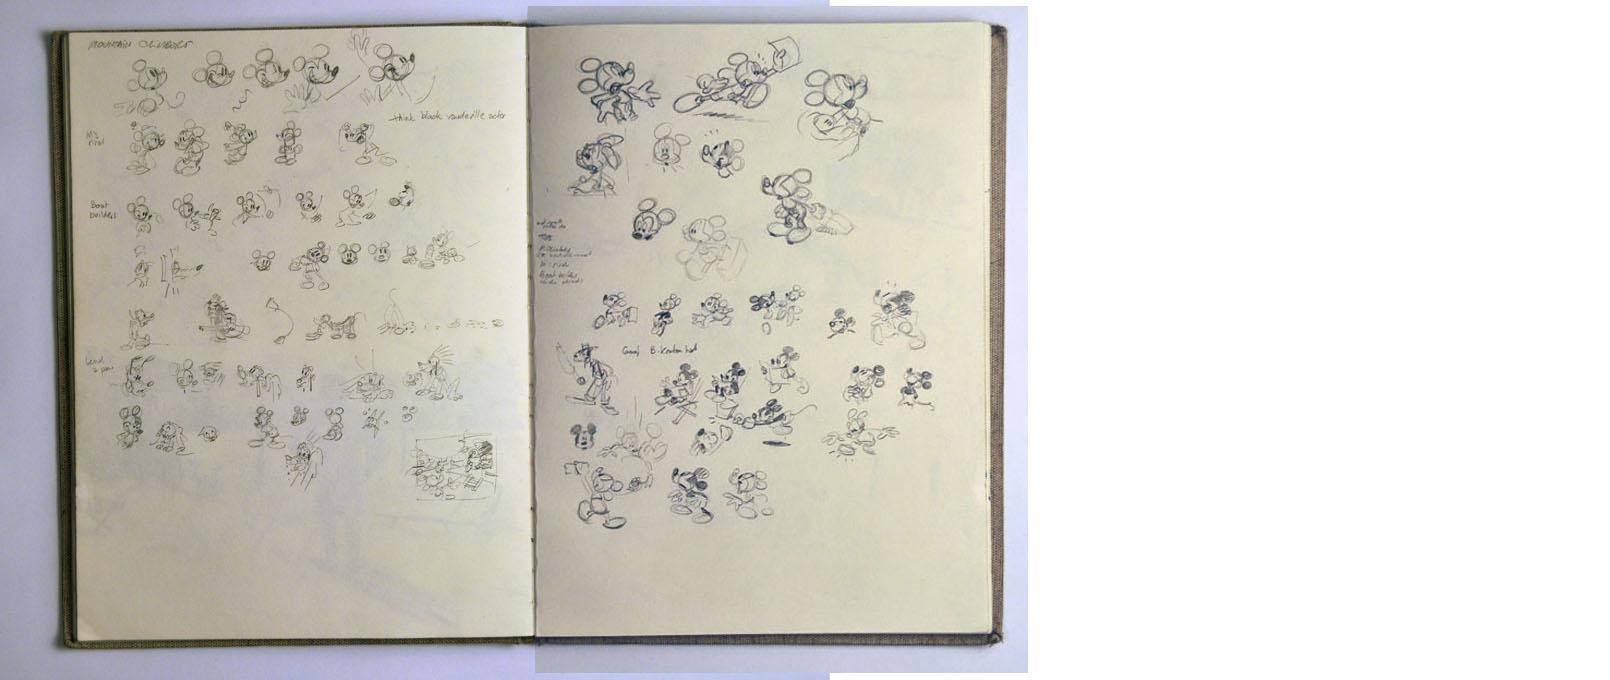 ulrich-schroeder_sketchbook_mickey